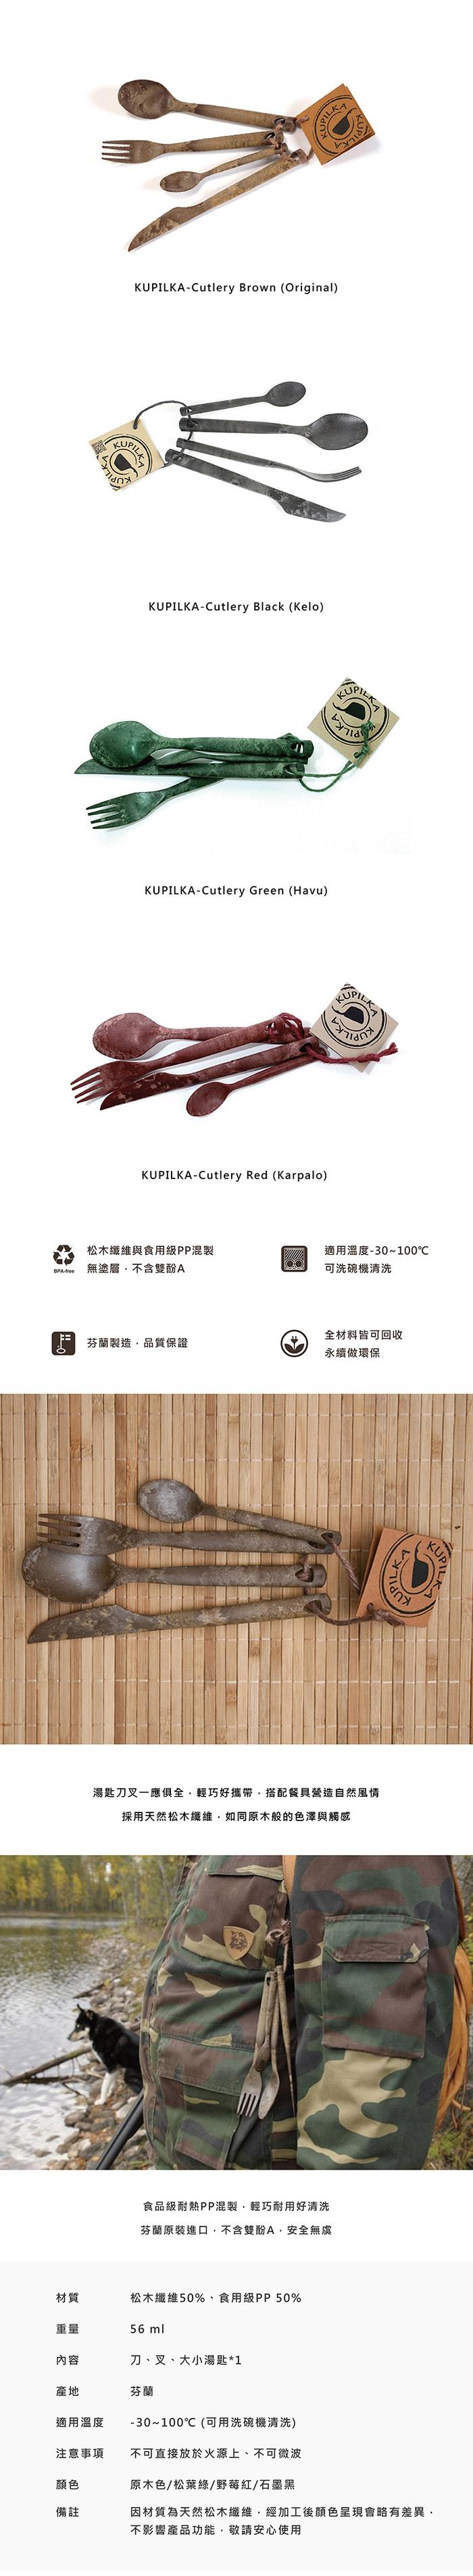 KUPILKA|松木叉匙組